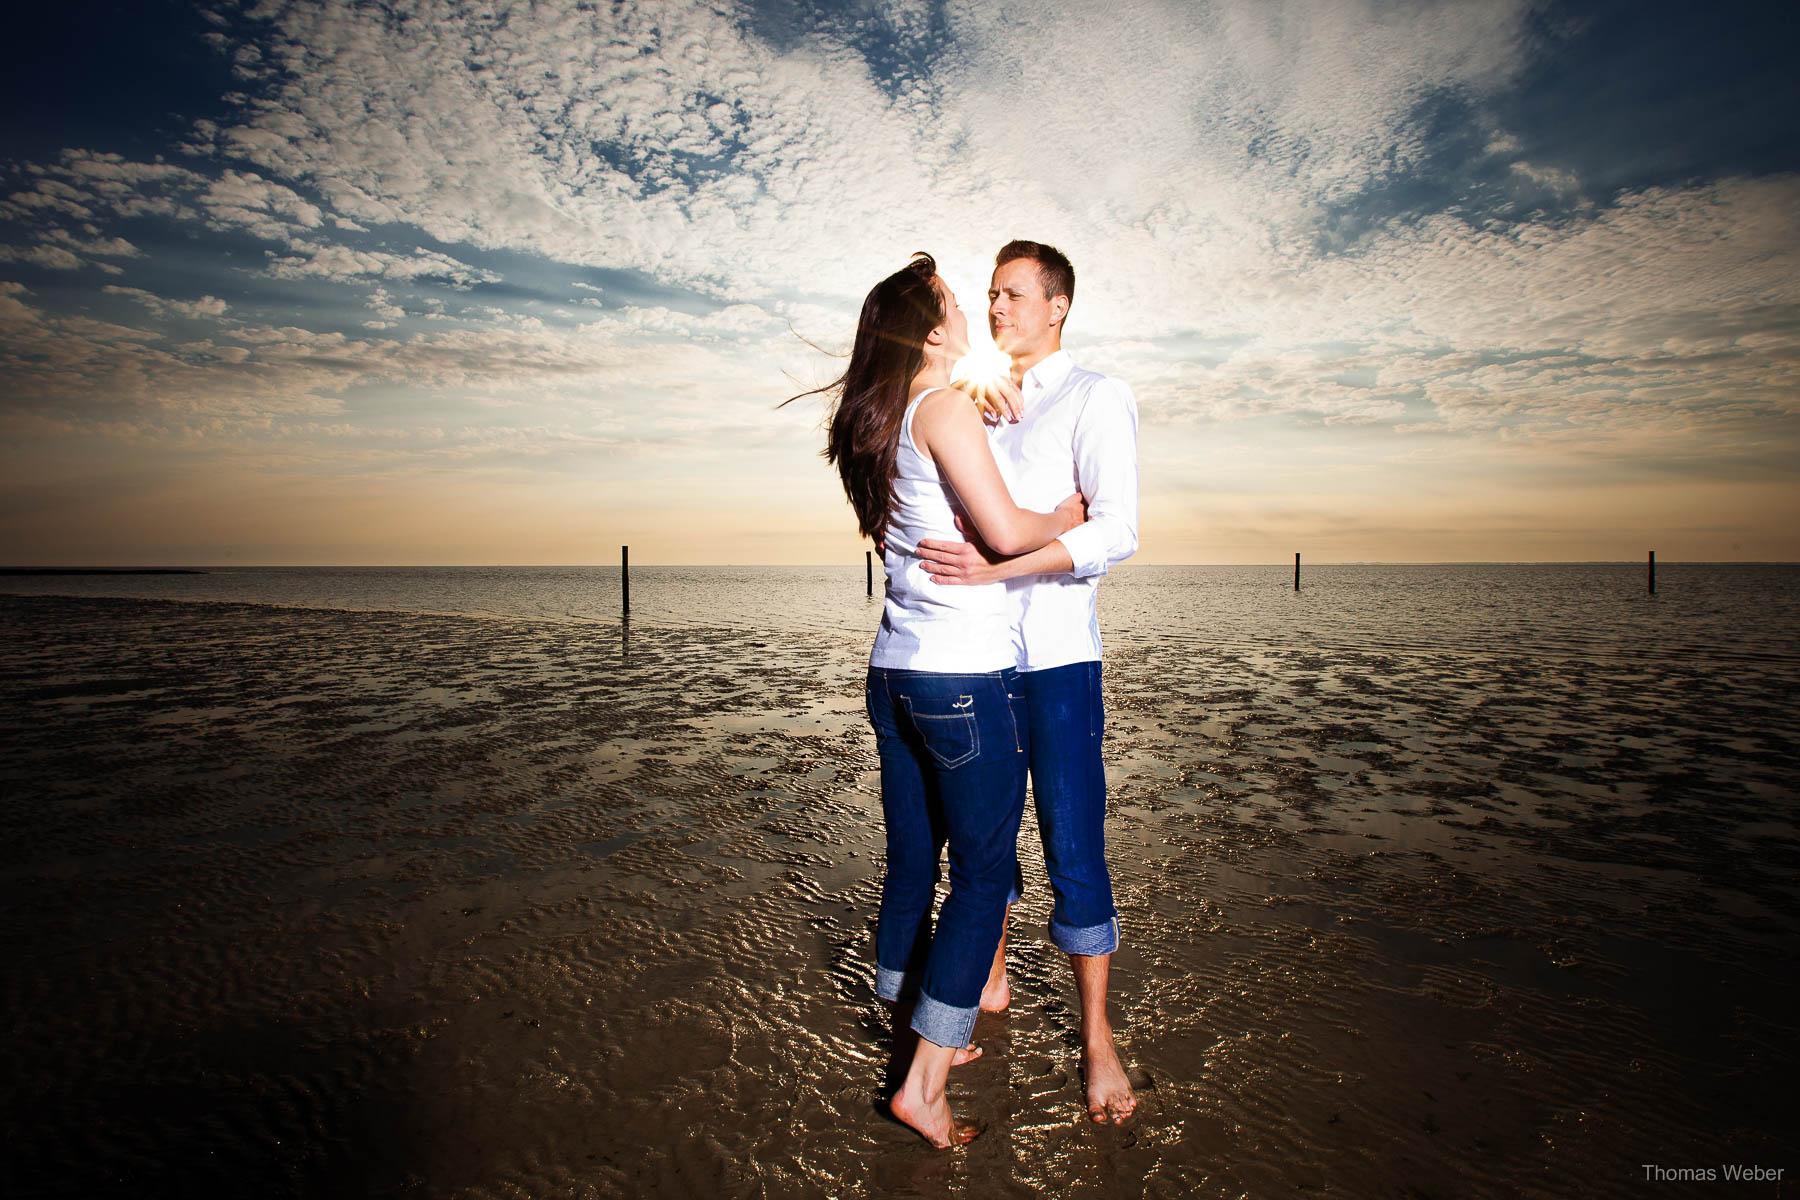 Hochzeitsfotograf Ostfriesland für schöne Hochzeitsfotos auf der Nordseeinsel Baltrum, Heiraten auf Baltrum